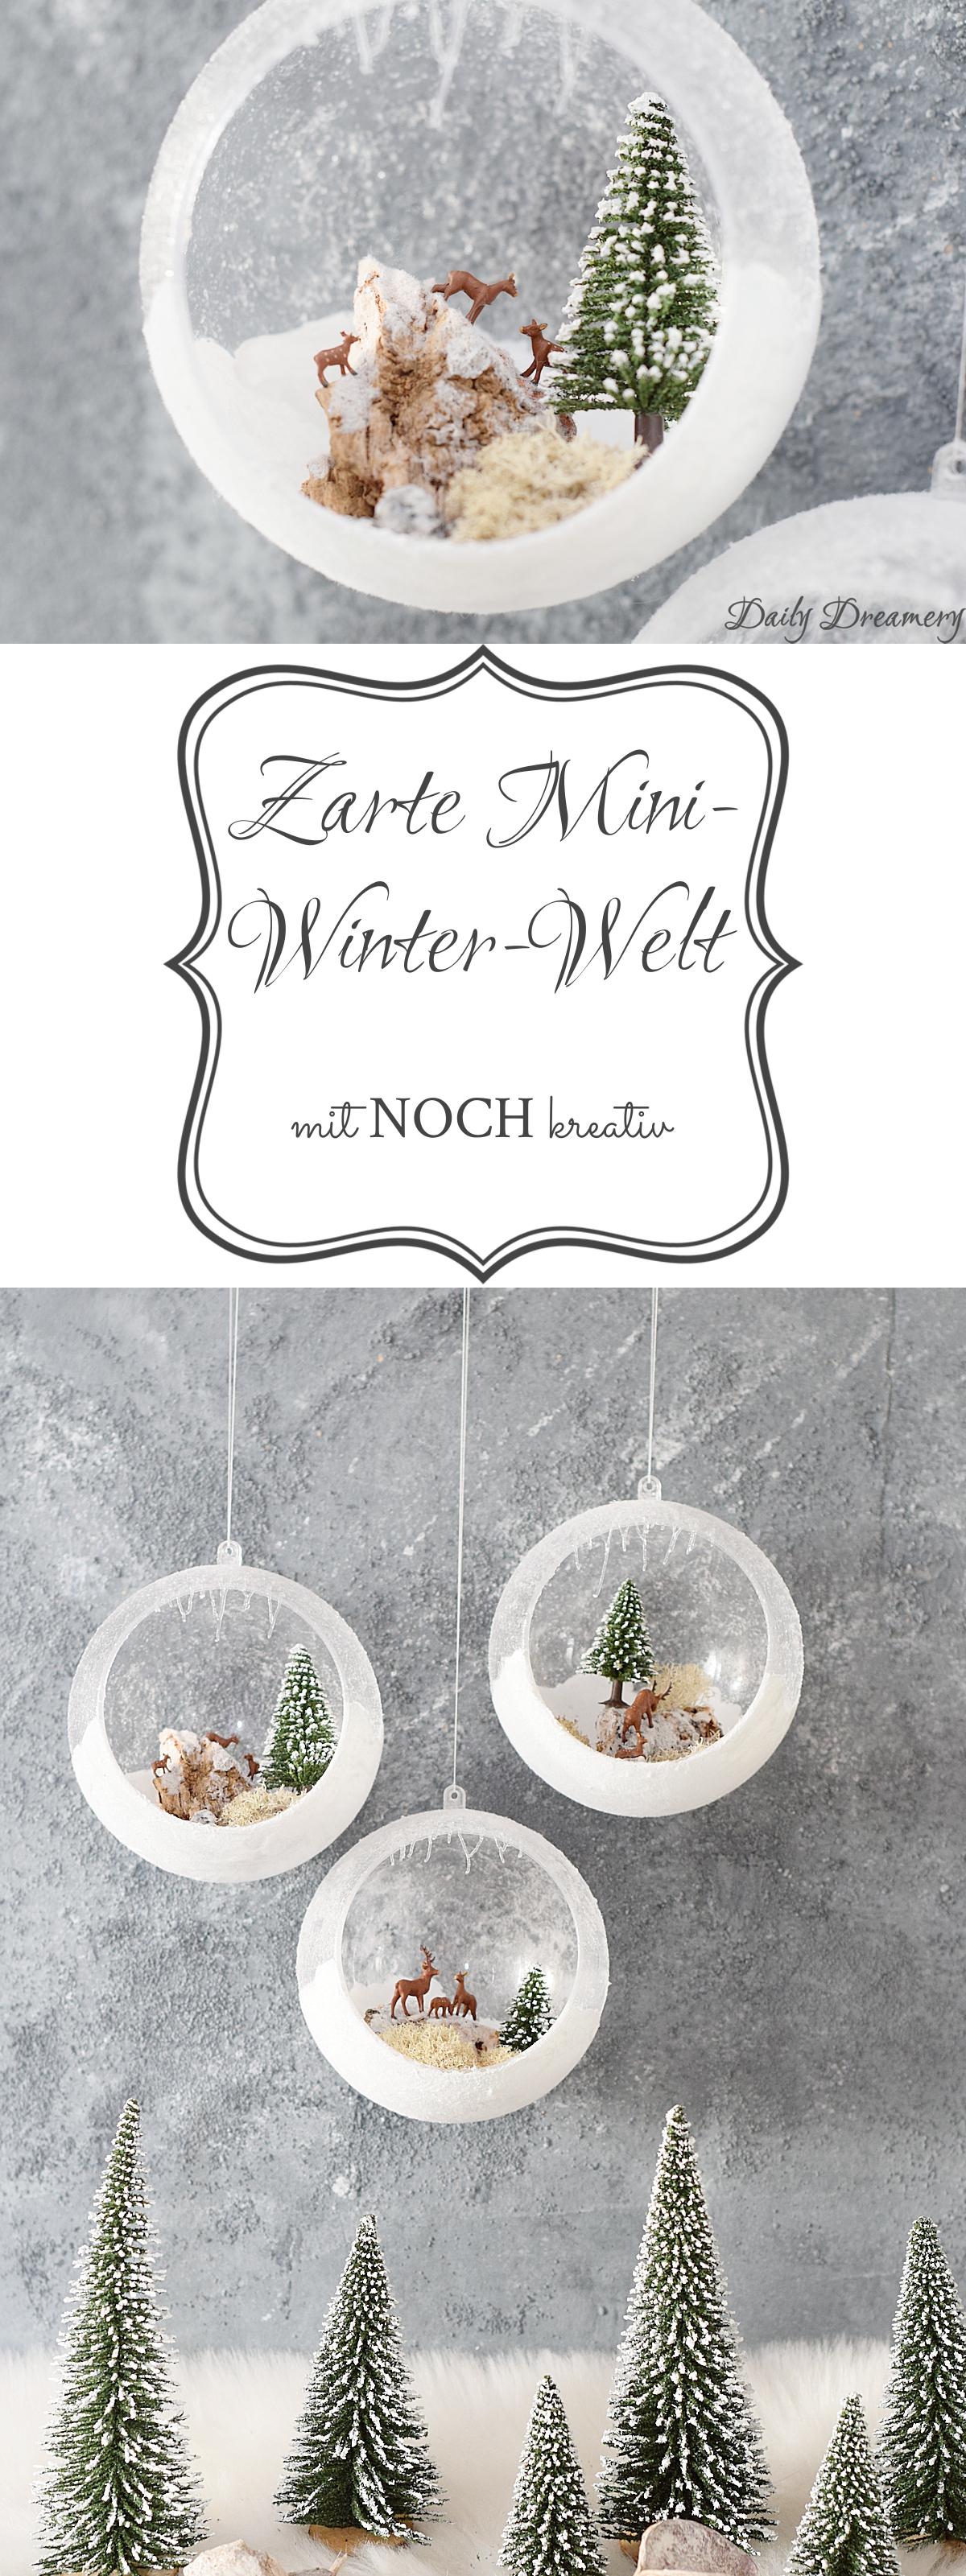 Zauberhafte Winter- und Weihnachtsdekoration mit den Produkten von NOCH kreativ